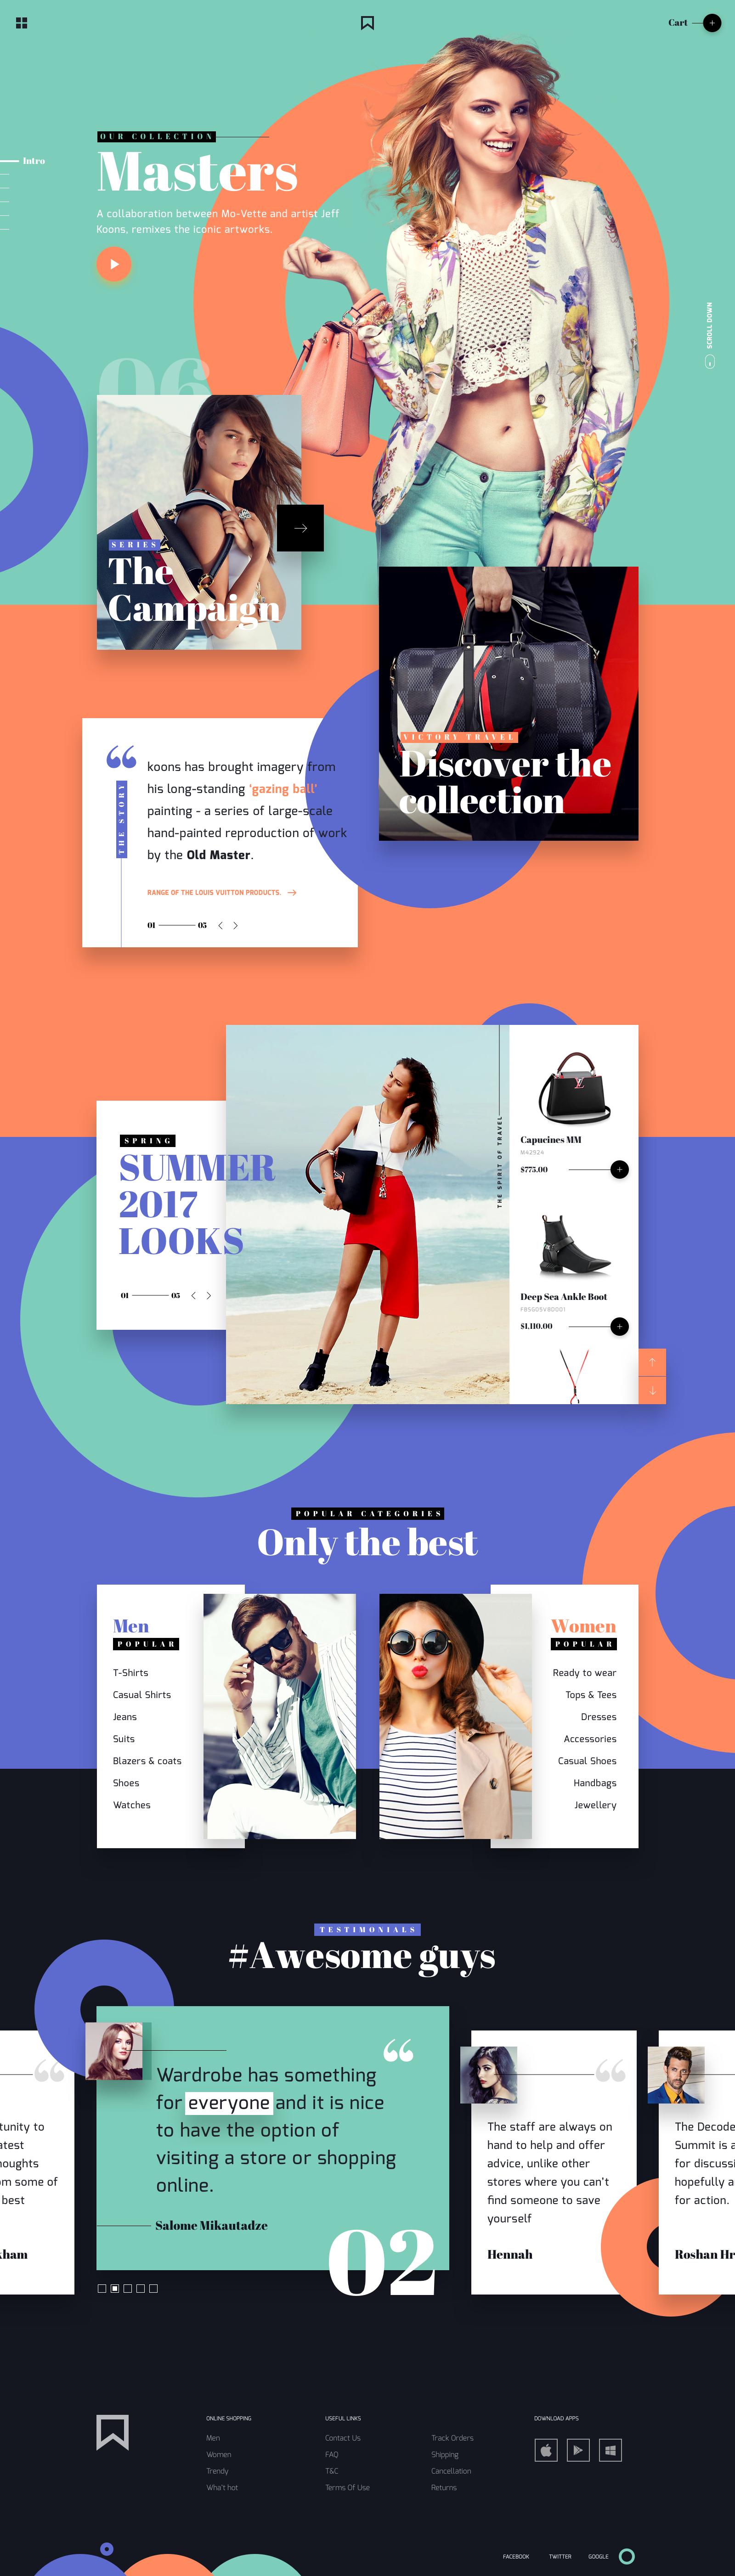 Mv fashion website concept ui ux